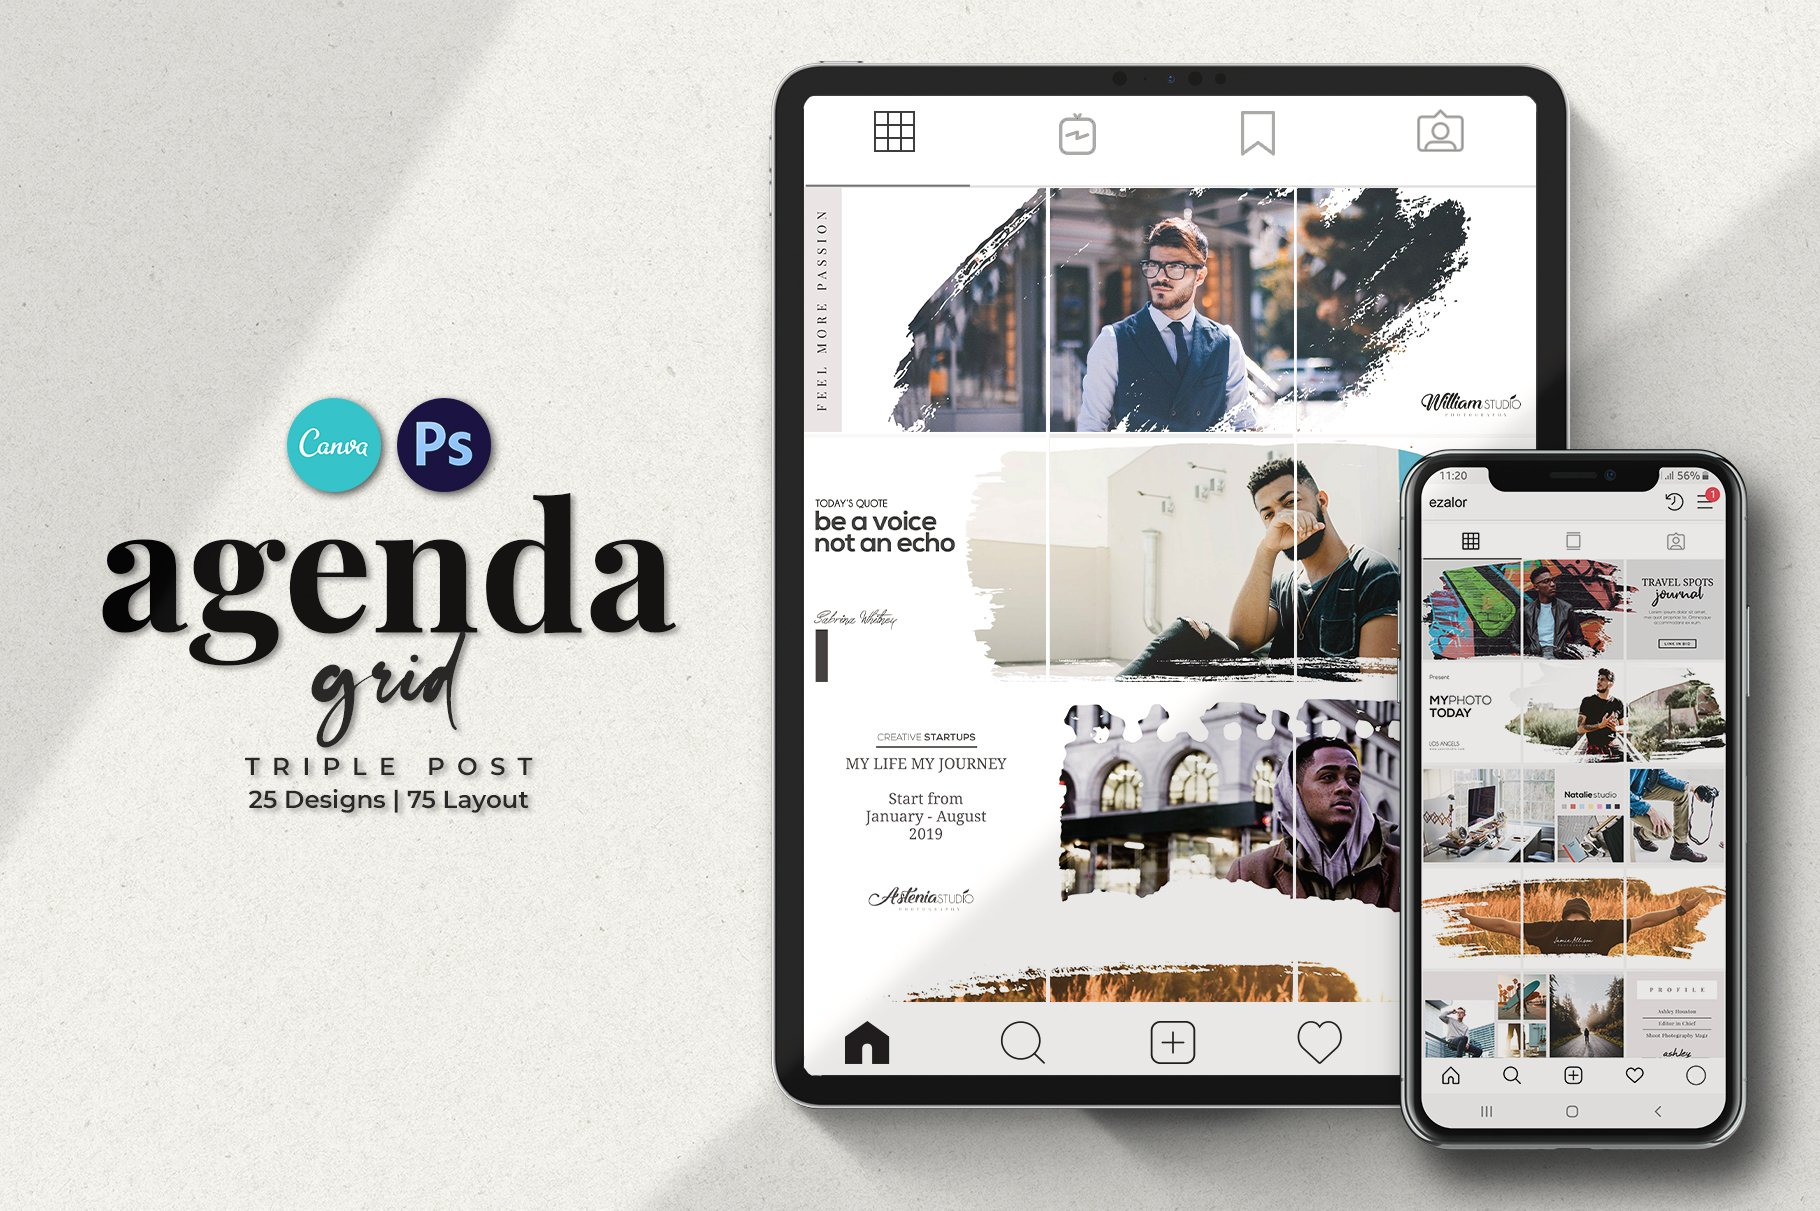 毛笔笔刷效果新媒体电商海报设计PSD模板 Agenda Insta Grid (Triple Posts)插图